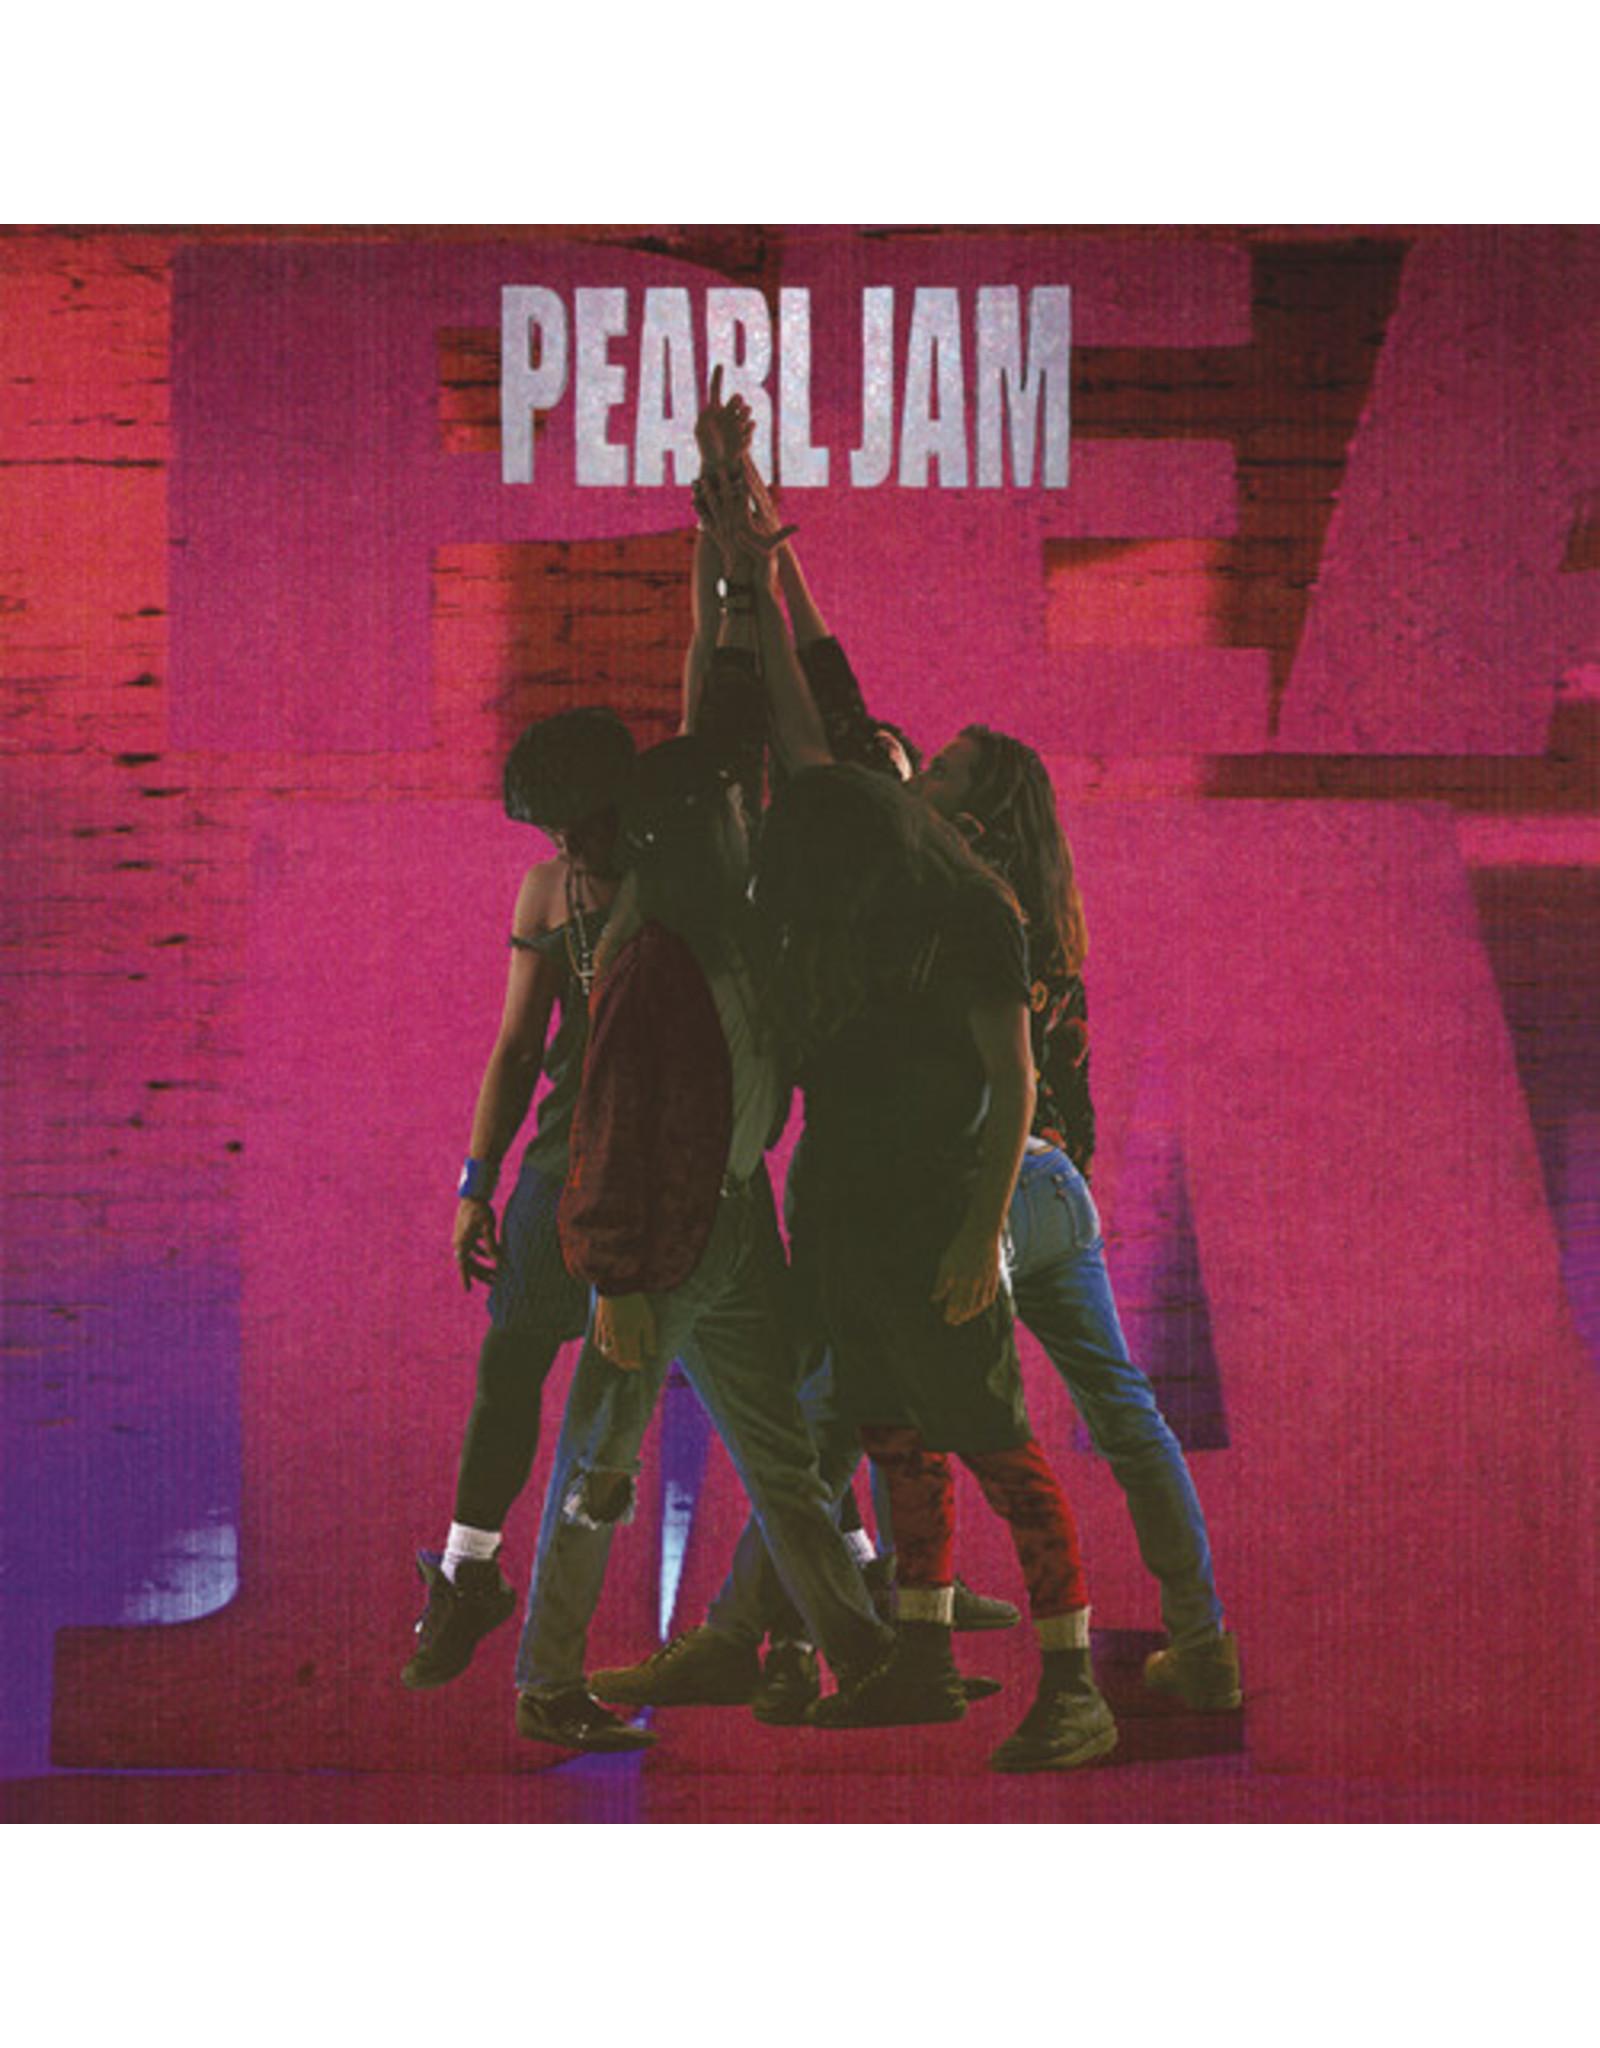 New Vinyl Pearl Jam - Ten LP